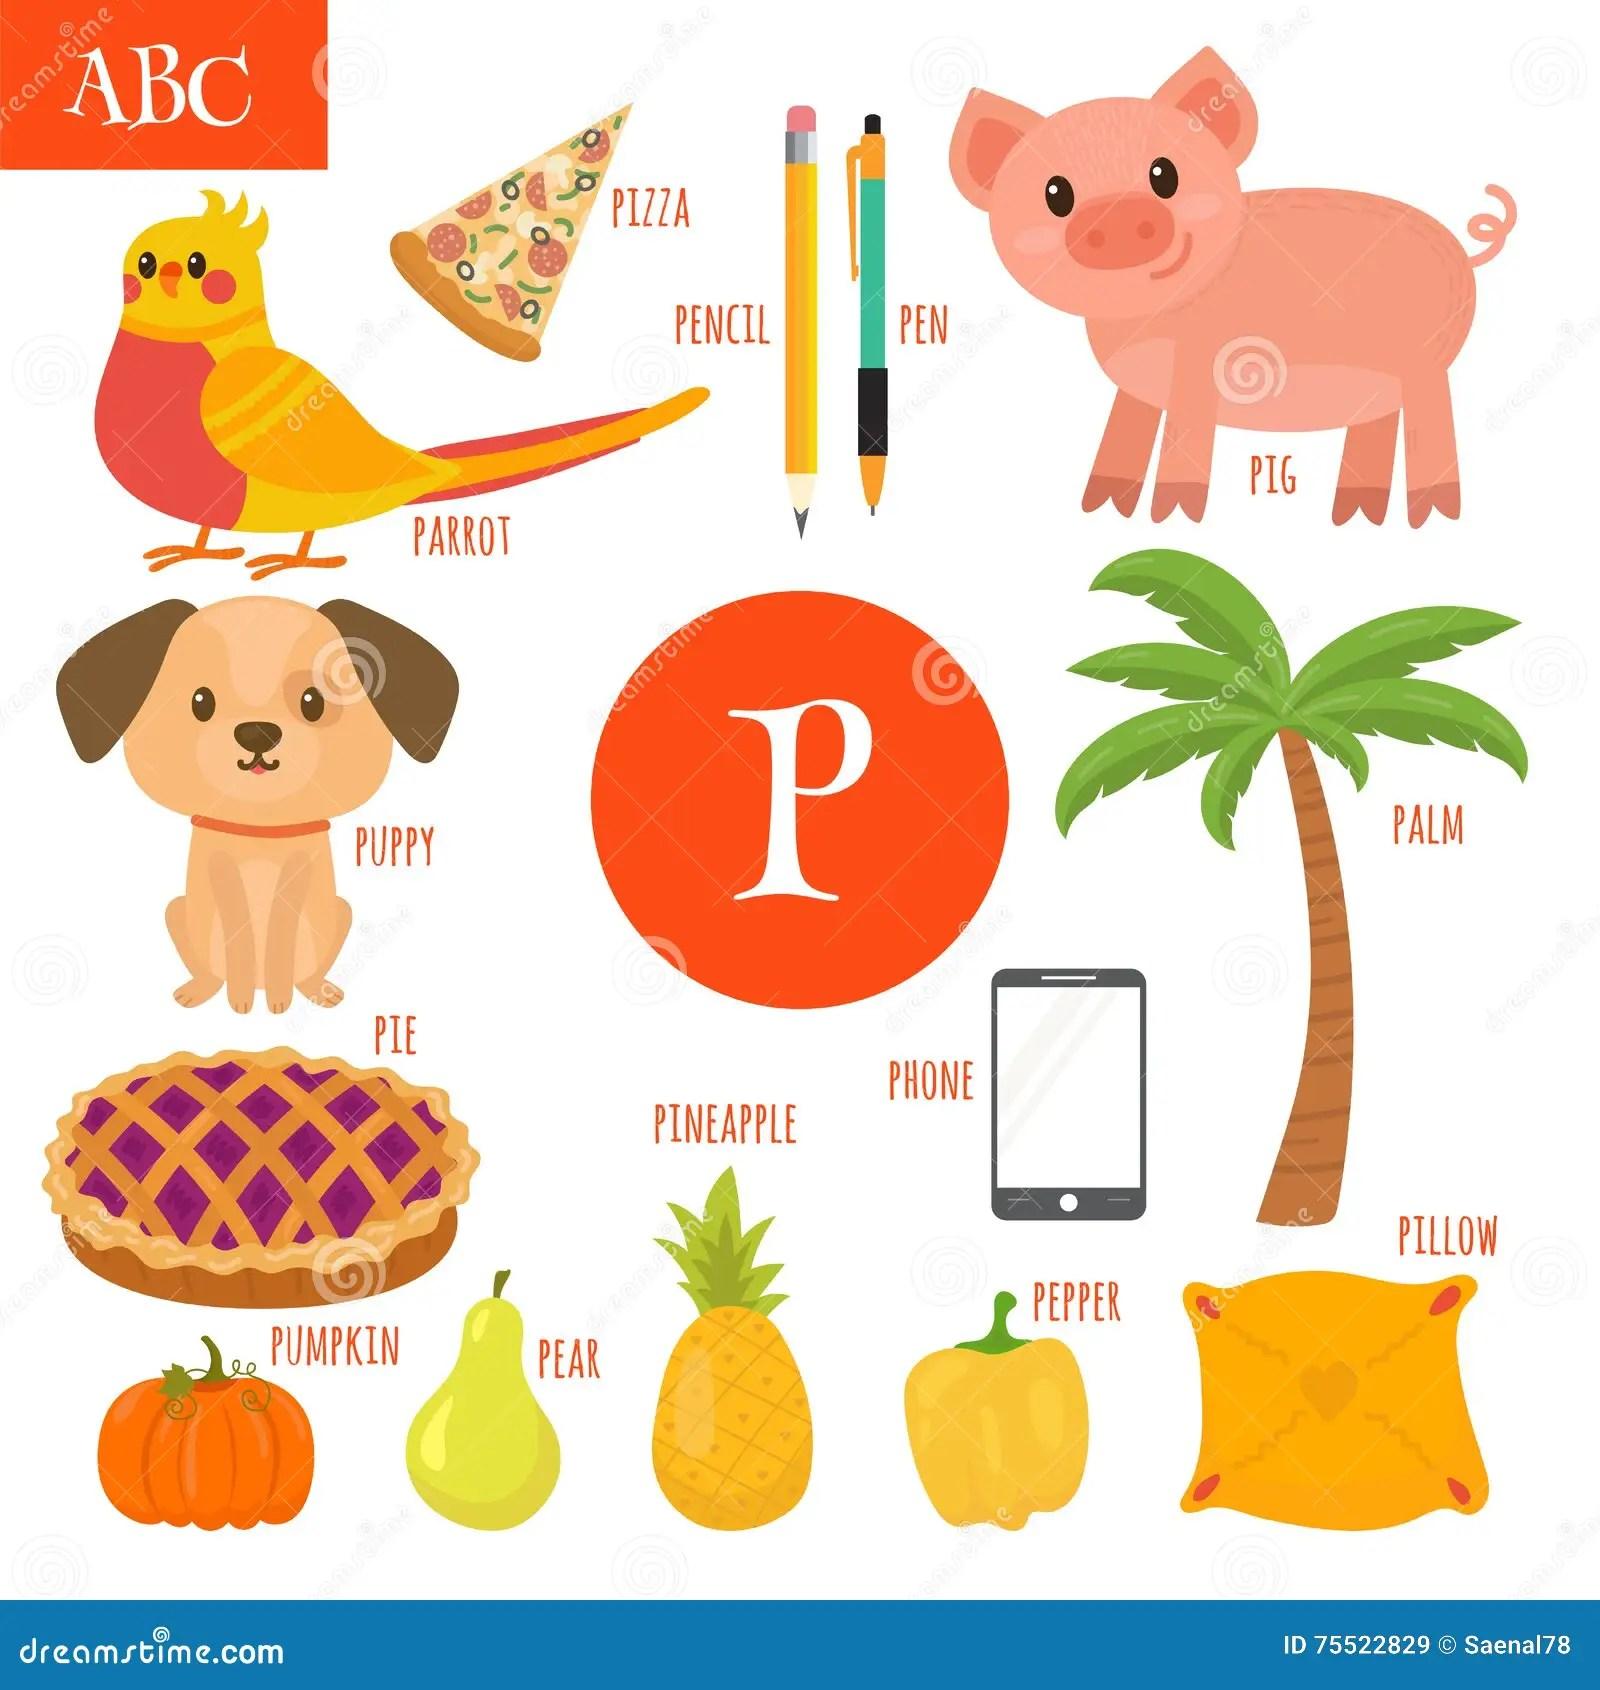 Letter P Cartoon Alphabet For Children Pear Pig Pen